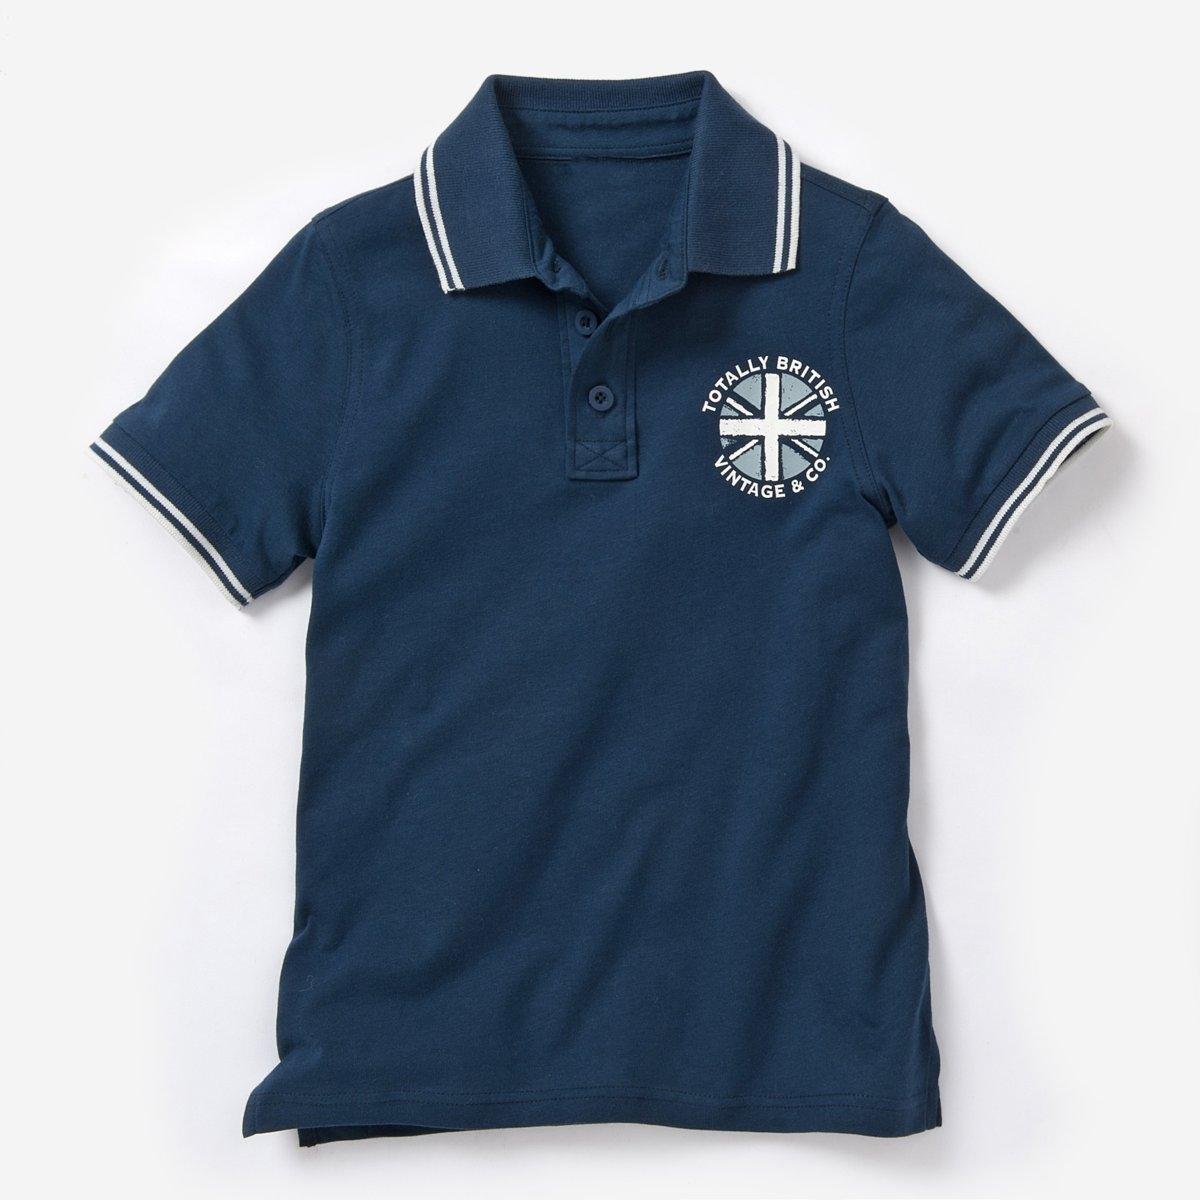 Футболка-поло с рисунком на груди, 3-12 лет футболка поло с вышивкой на груди на 3 12 лет